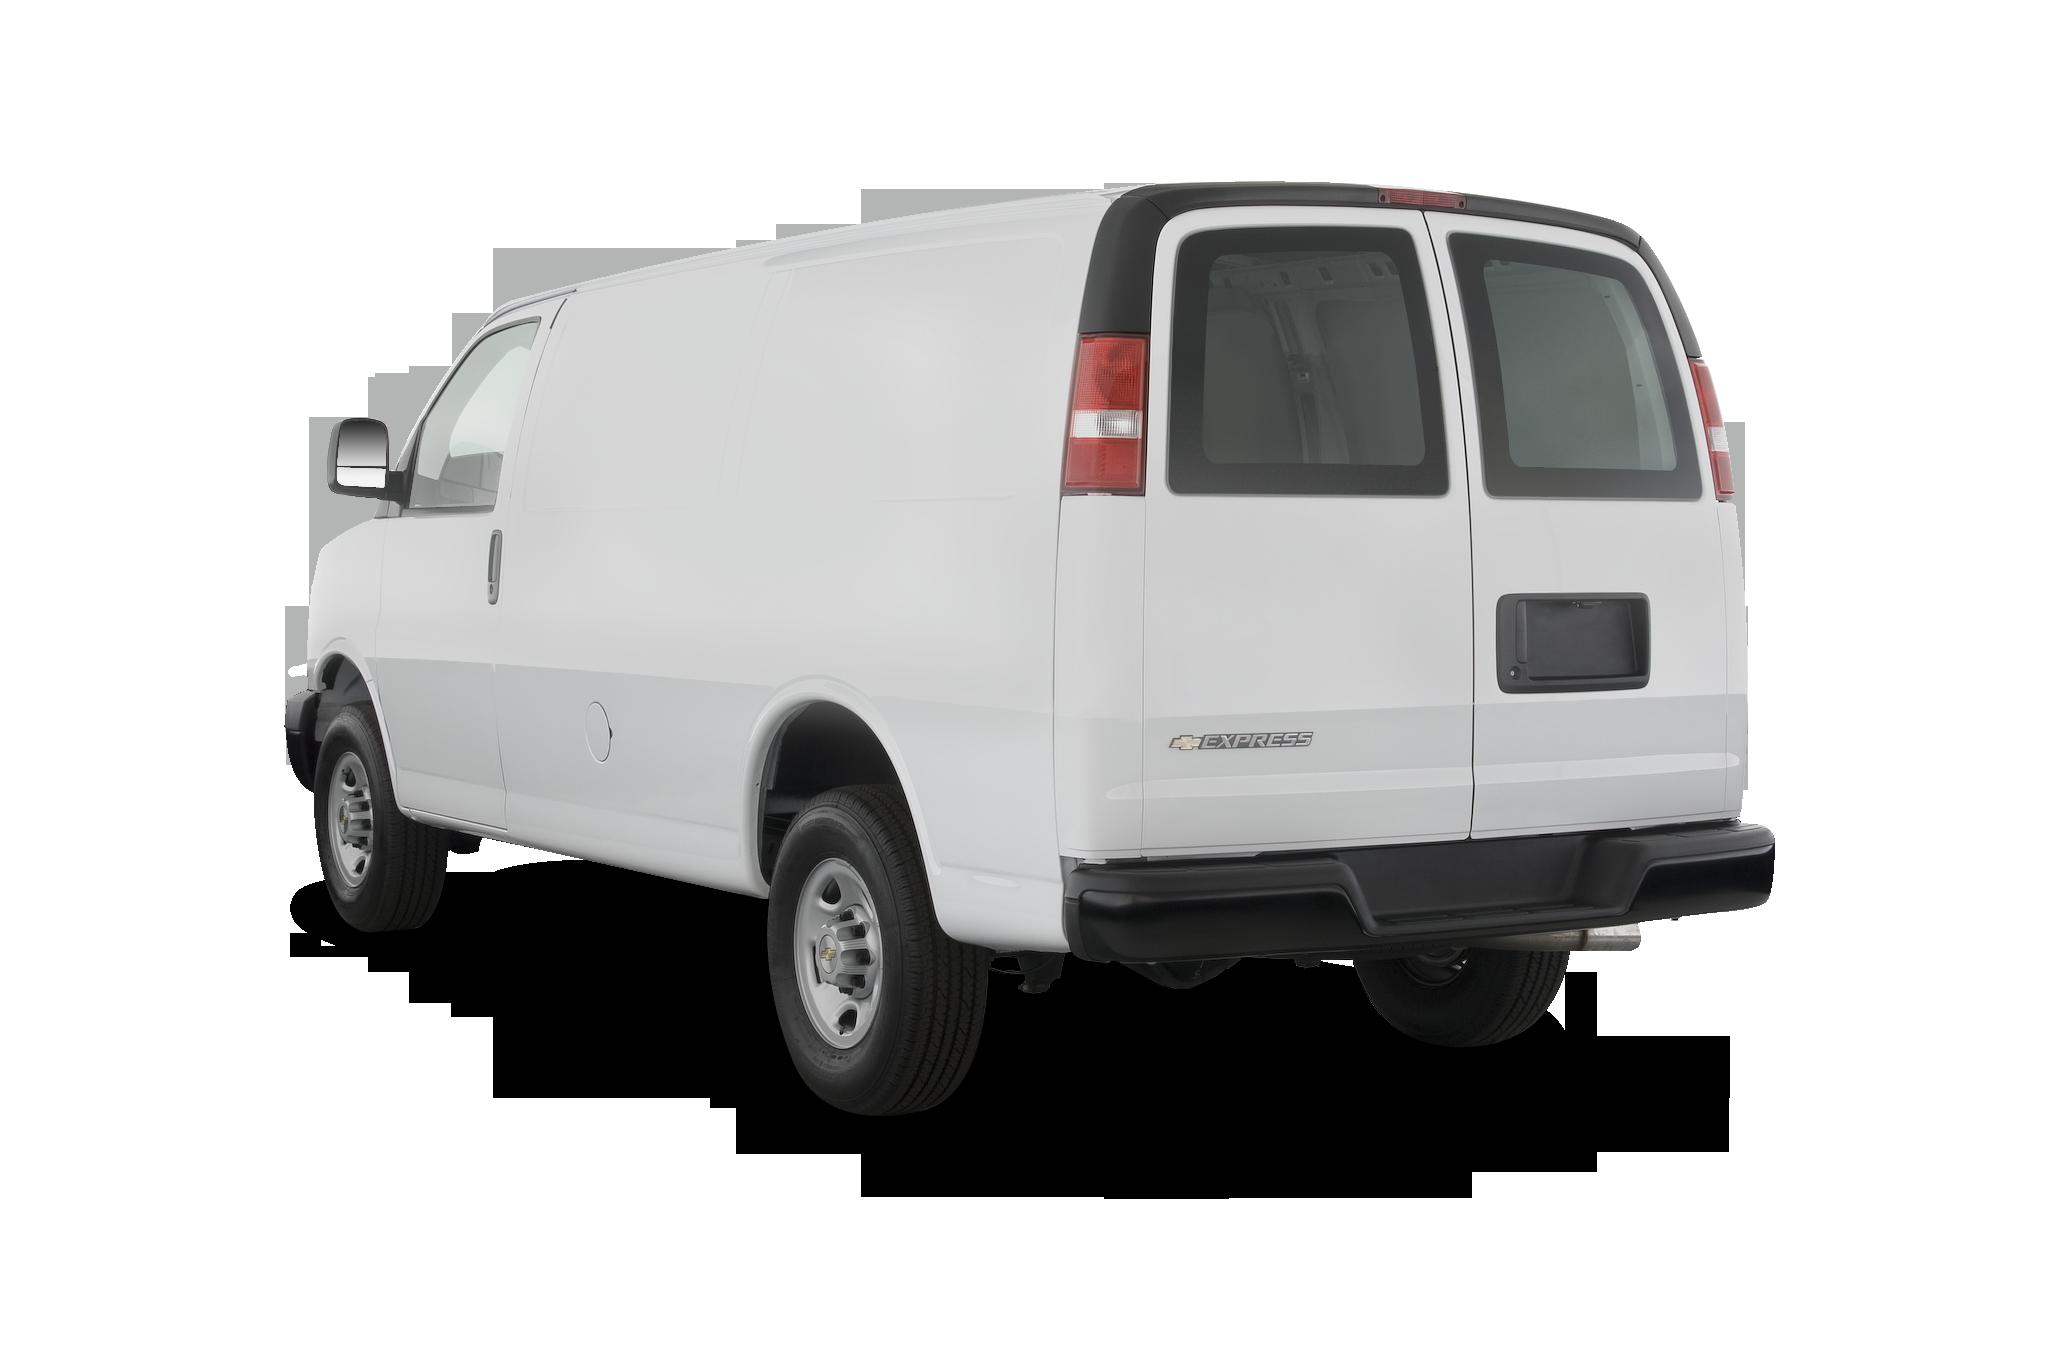 2014 Nissan Nv High Roof File Nissan Nv350 Caravan